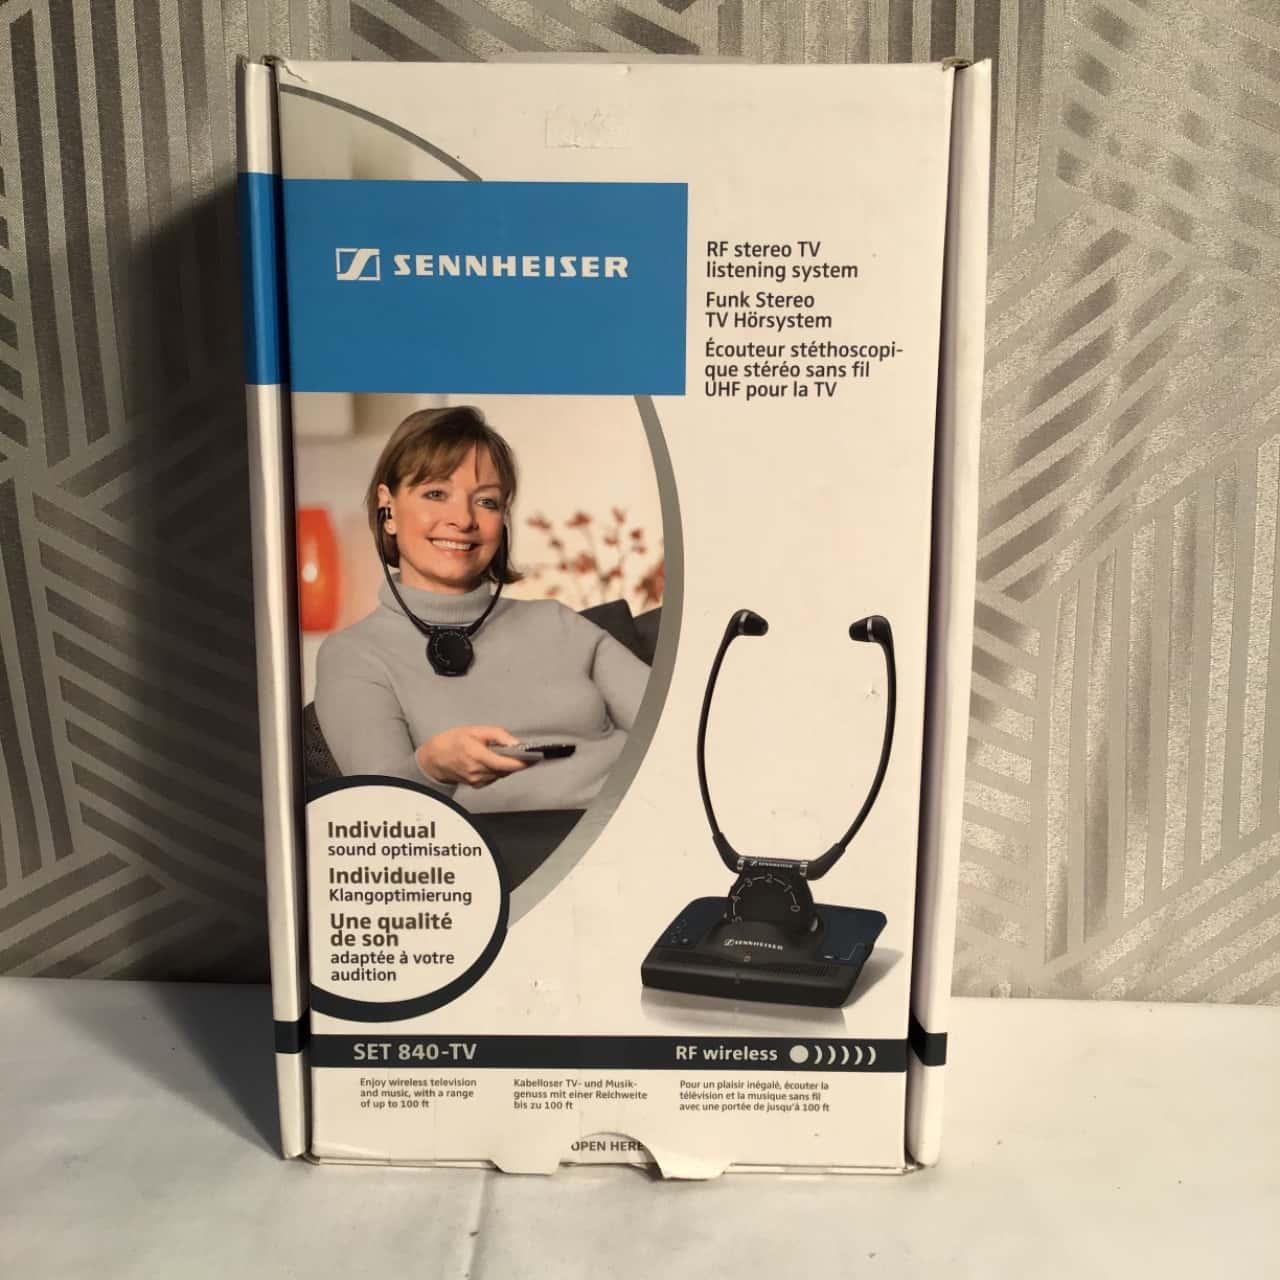 Sennheiser RF Stereo TV Listening System